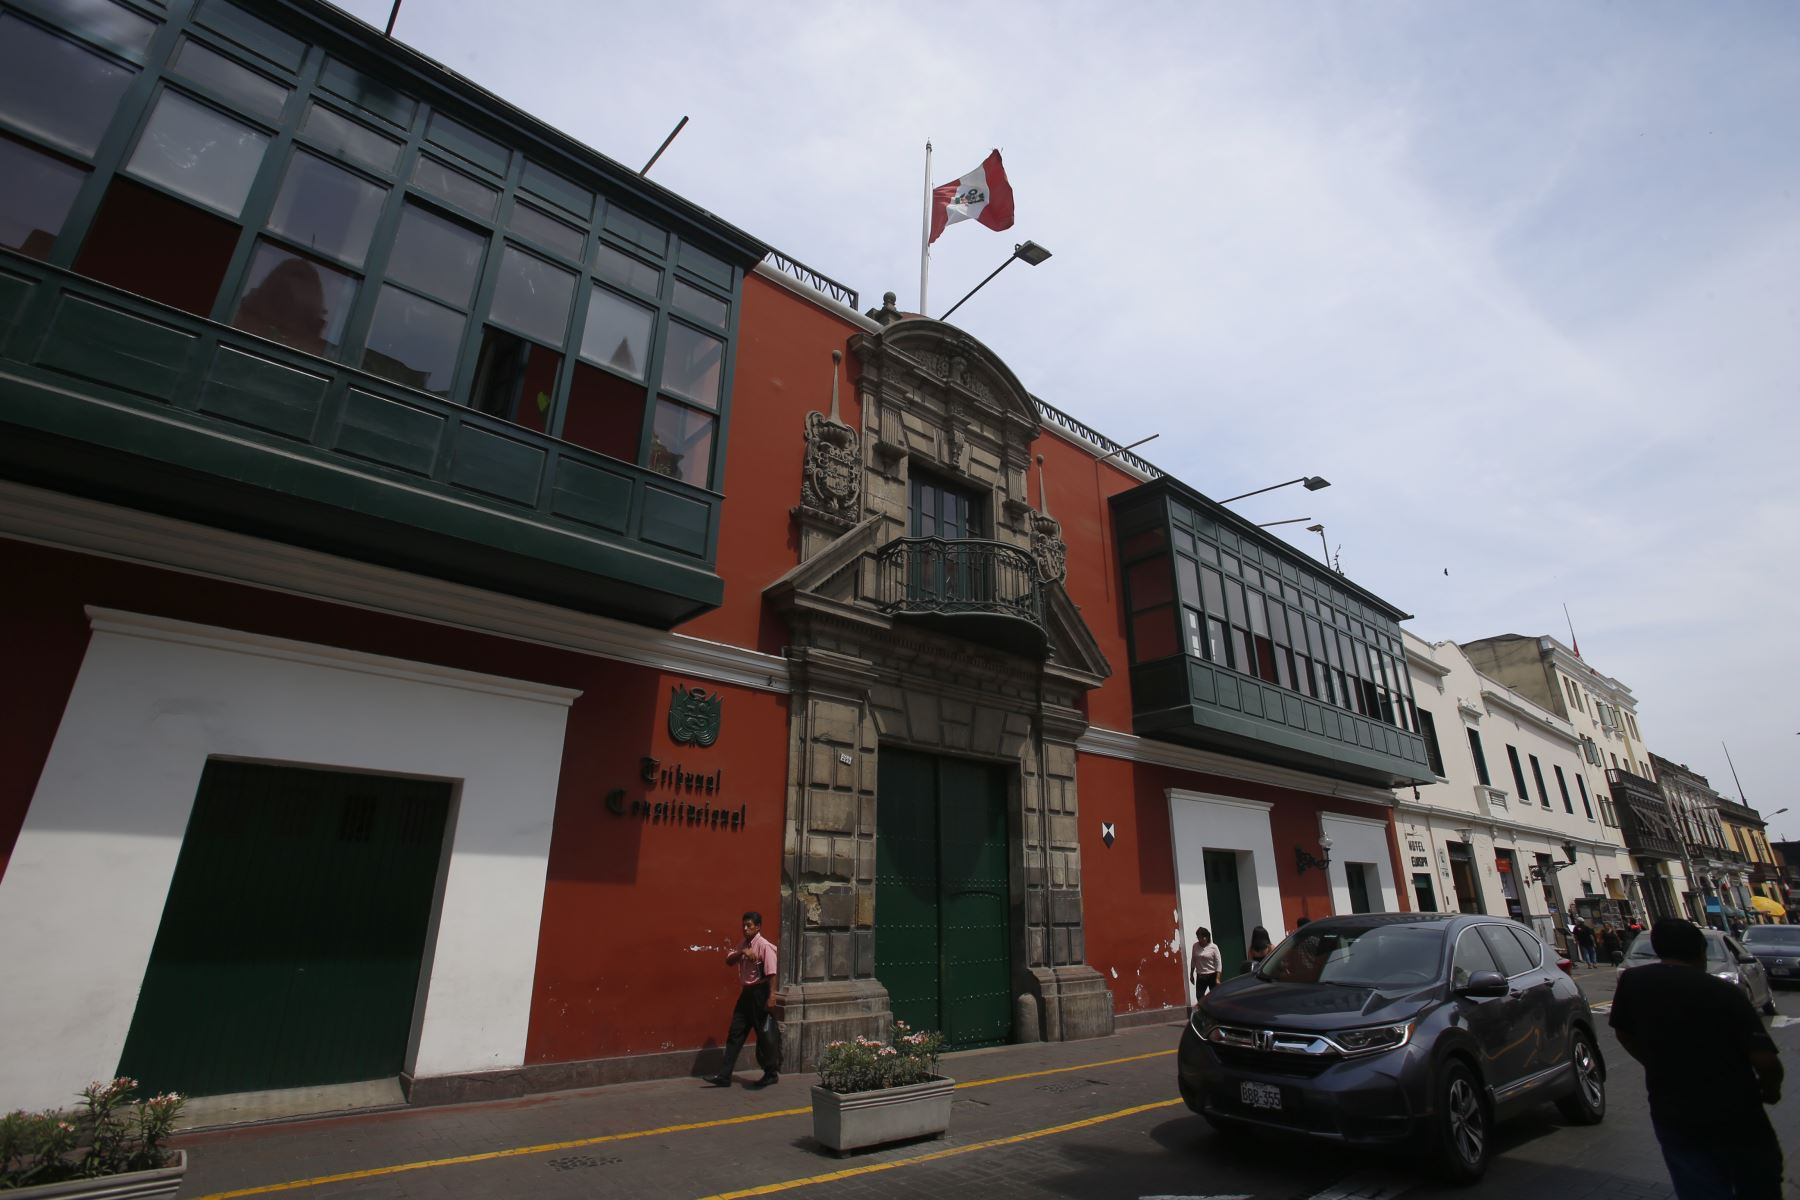 Instituciones Públicas con la Bandera de Perú a media asta con motivo del fallecimiento del ExPresidente Alan Garcia. Tribunal Constitucional. Foto: ANDINA/Nathalie Sayago